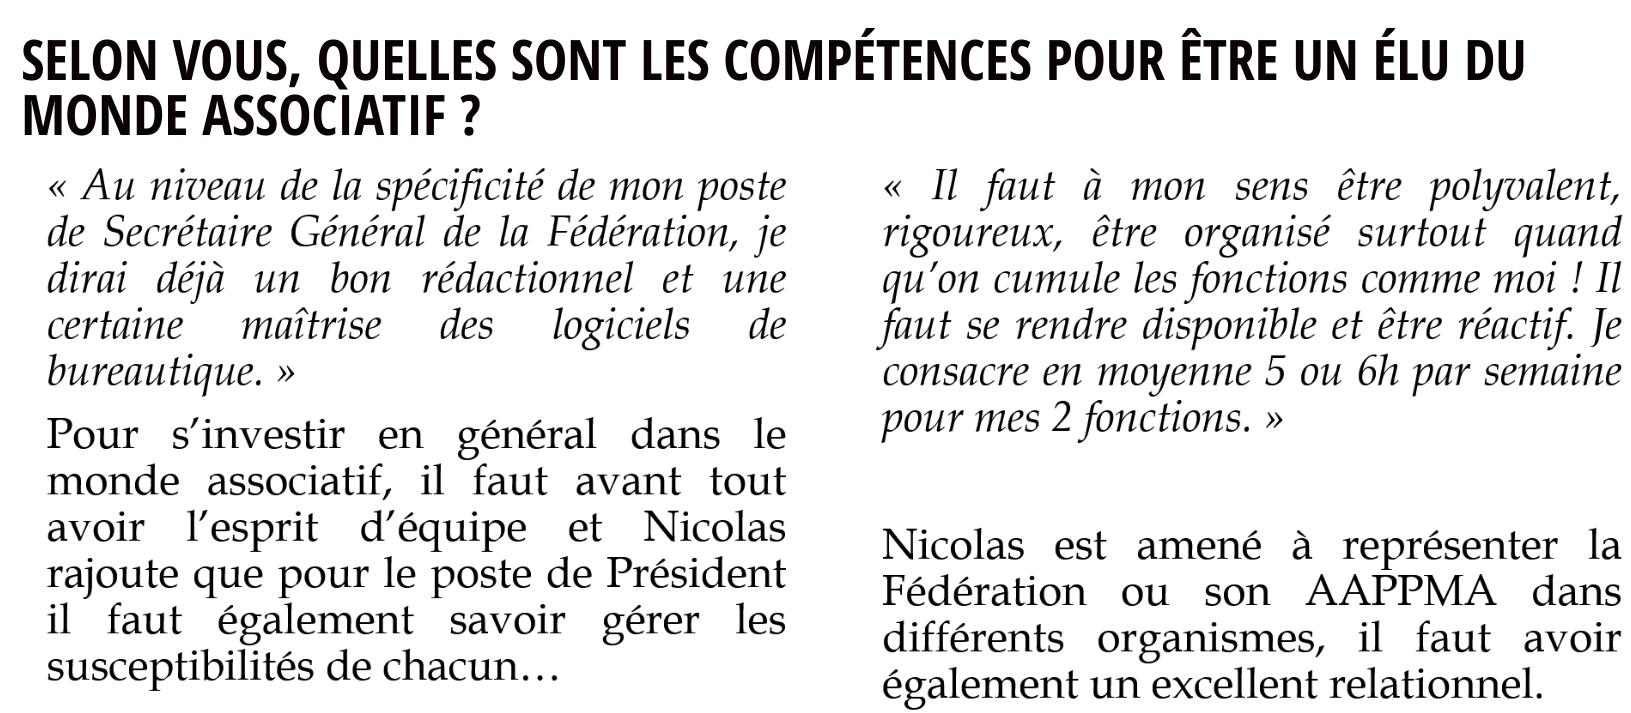 N. Delapierre question 4 (1)